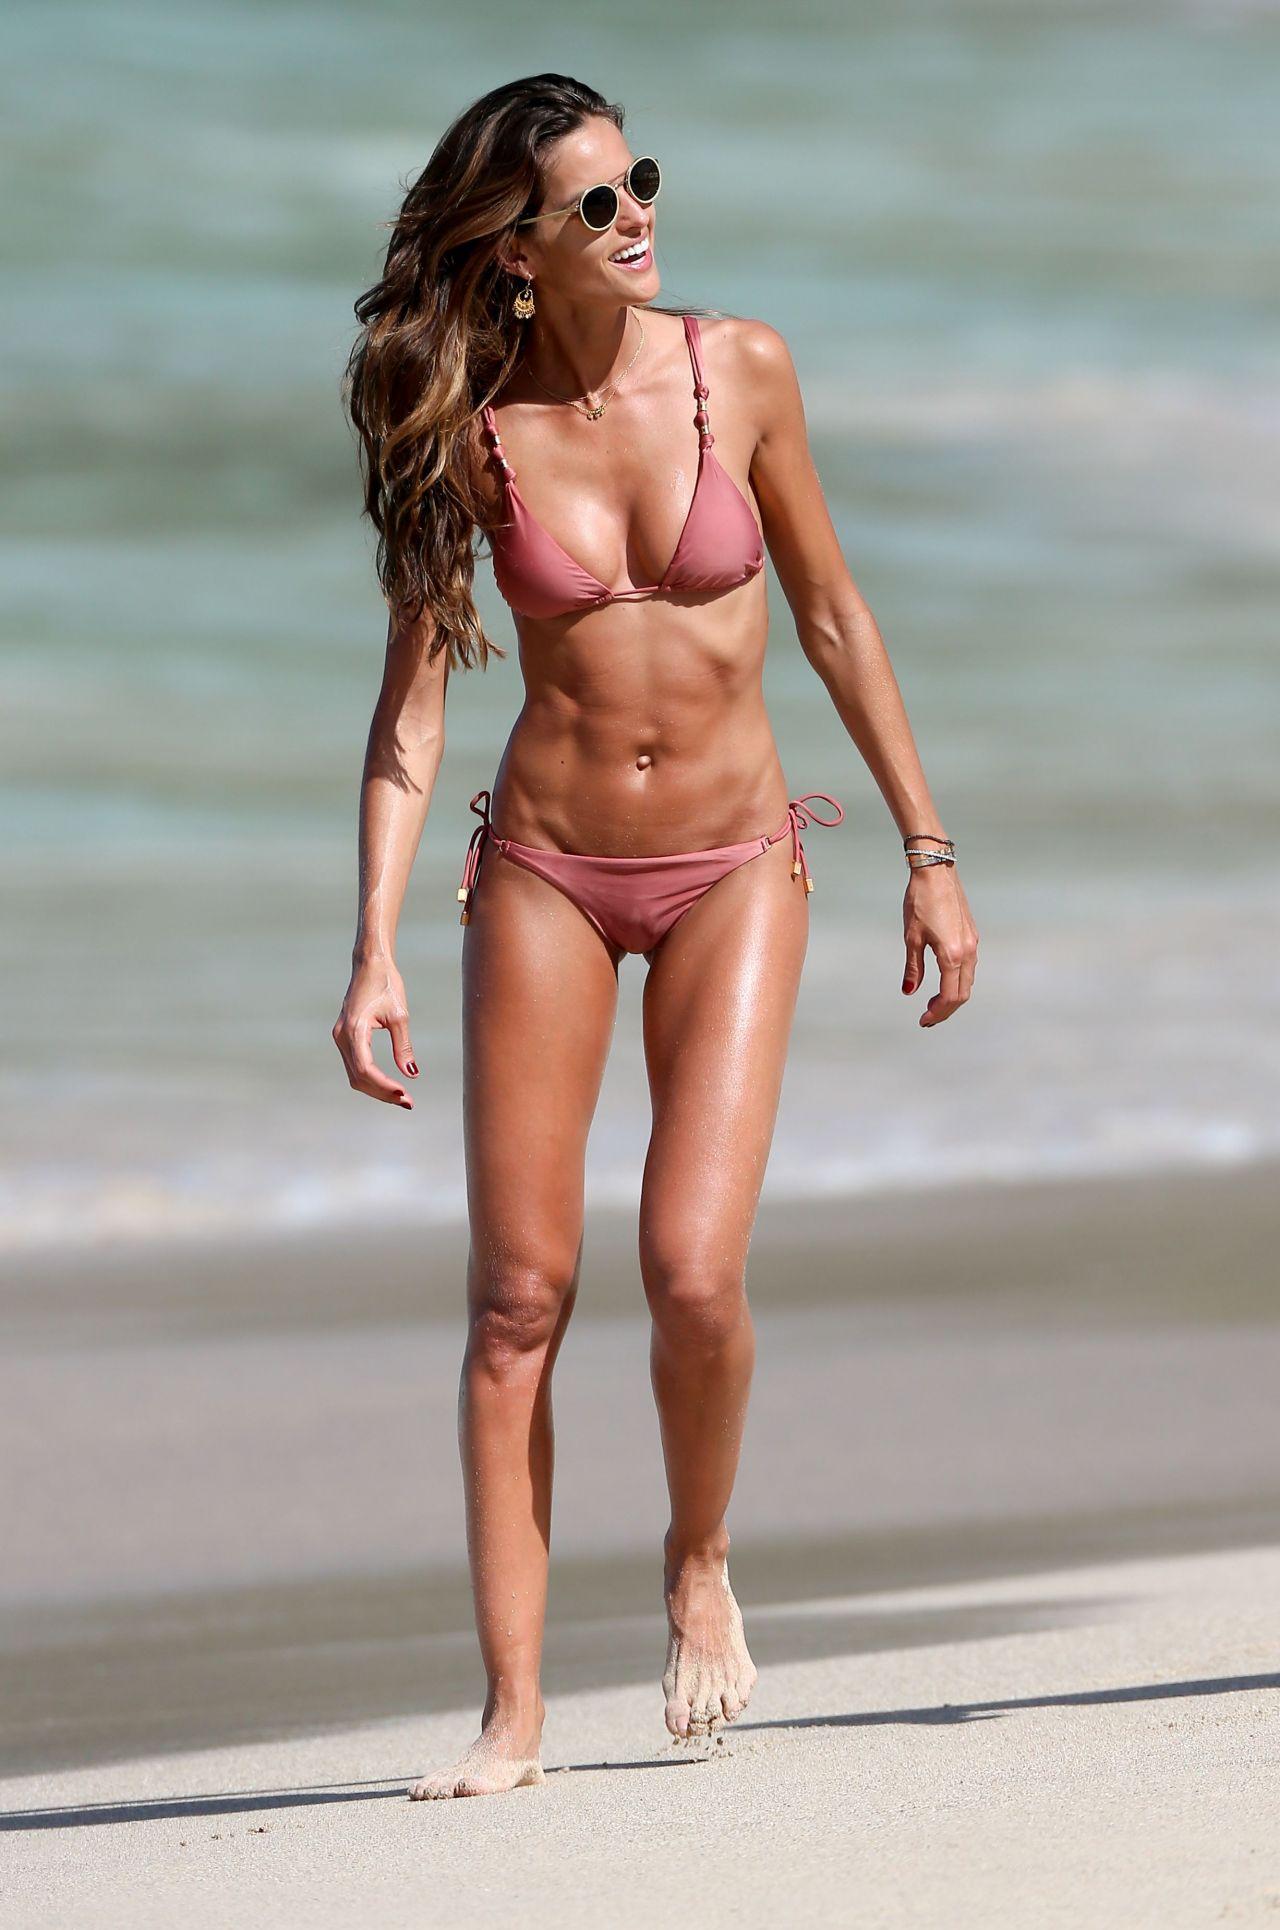 Julie gayet nude sans laisser de traces 2010 - 4 6